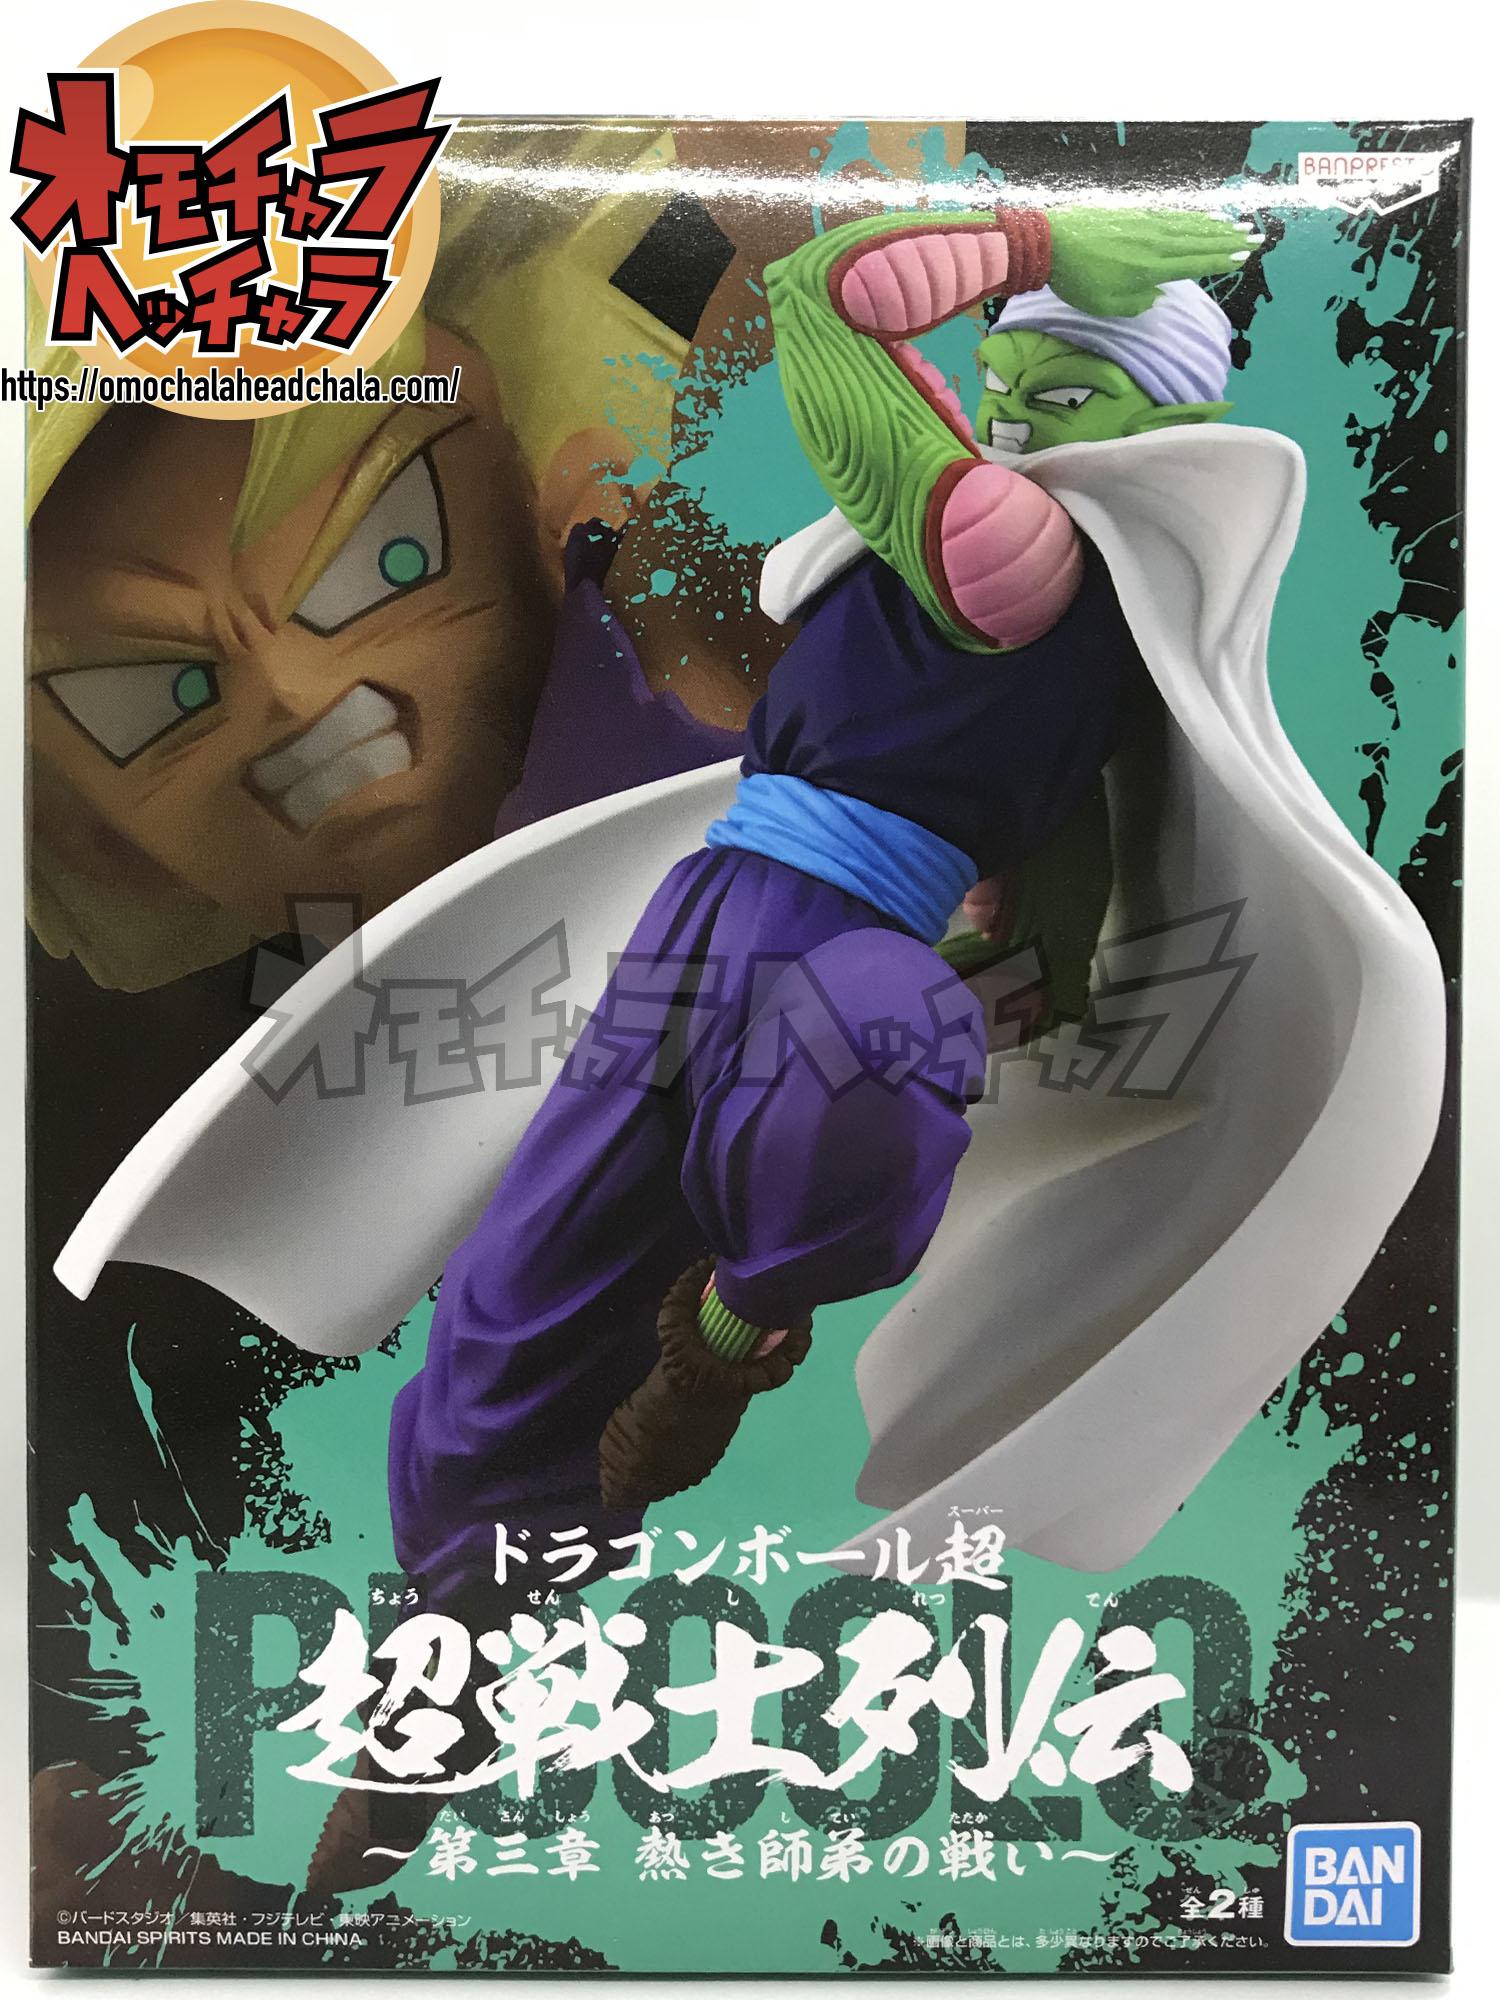 ドラゴンボールフィギャアレビューブログの超戦士列伝~第三章 熱き師弟の戦い~ピッコロ